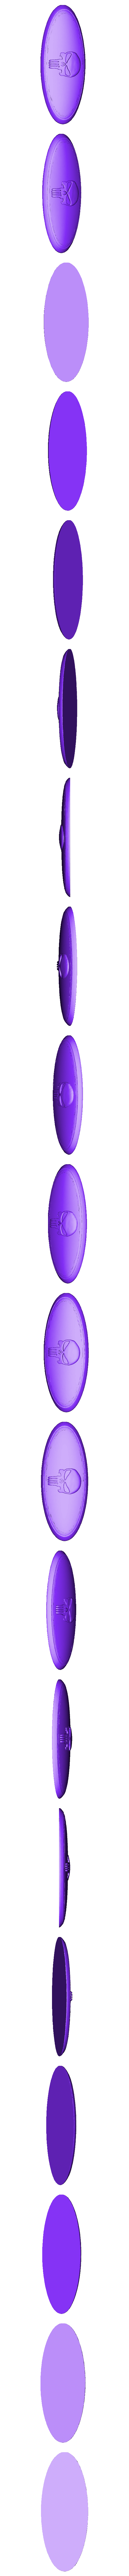 emblem_punisher.stl Télécharger fichier STL gratuit emblème du gué • Objet imprimable en 3D, Punisher_4u